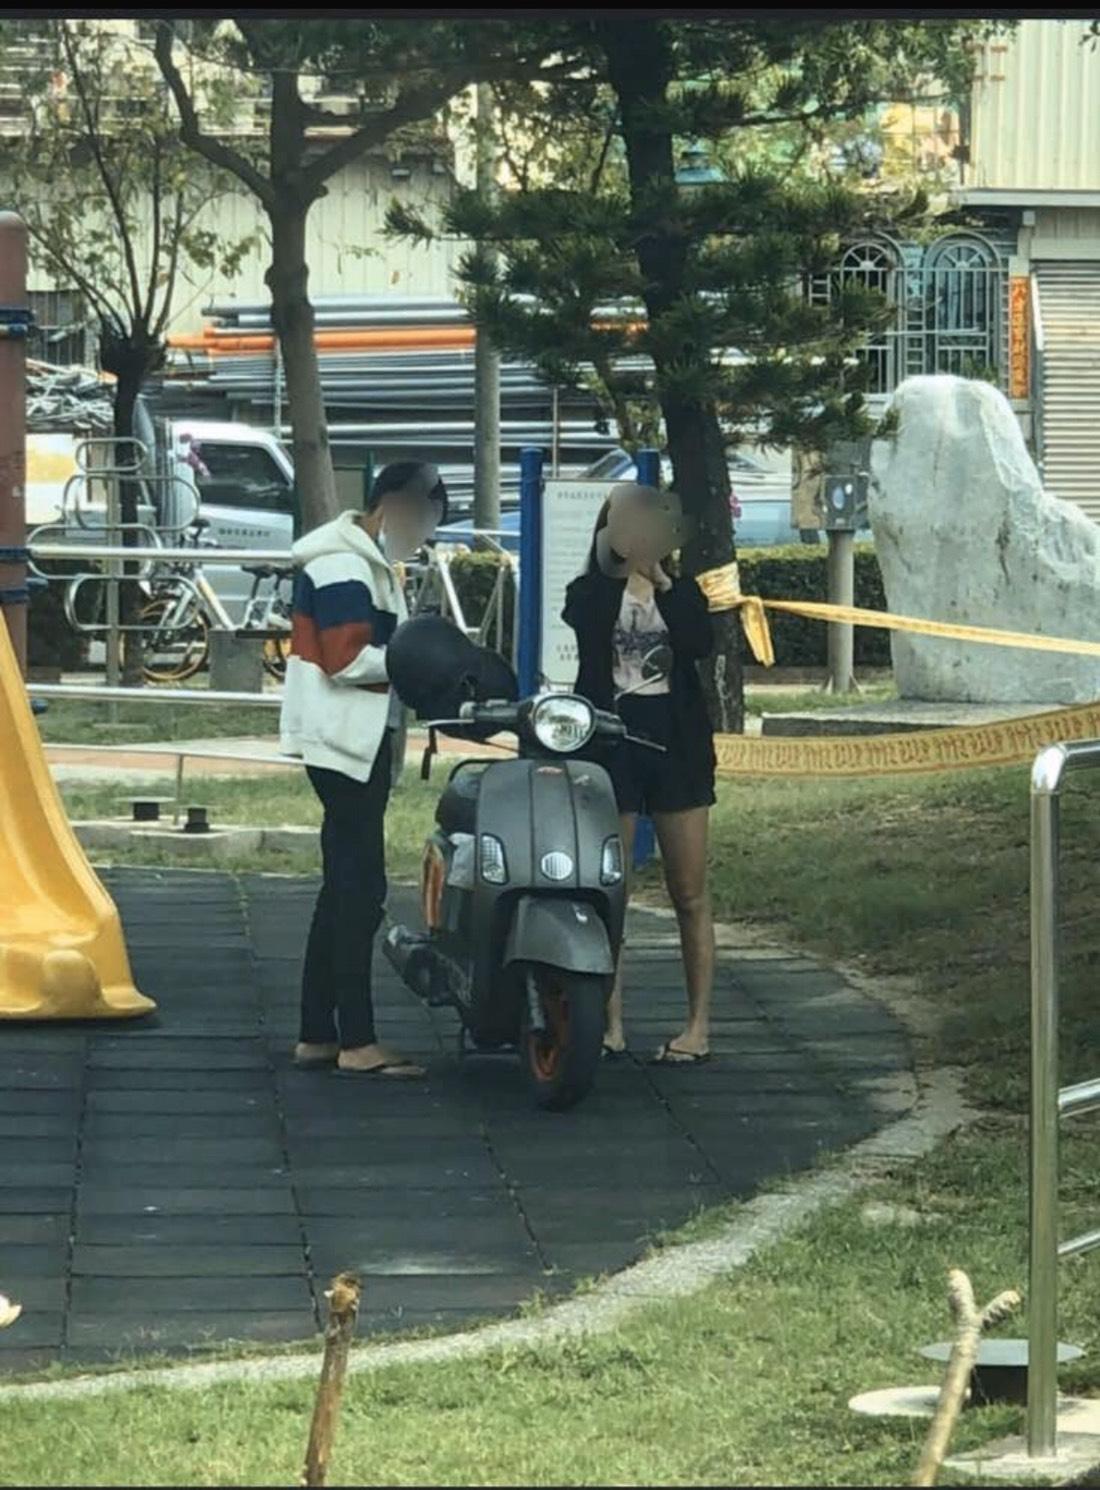 【影片】渔光岛2.0?台南巴洛公园「动动手运动」网:没有保持社交距离!